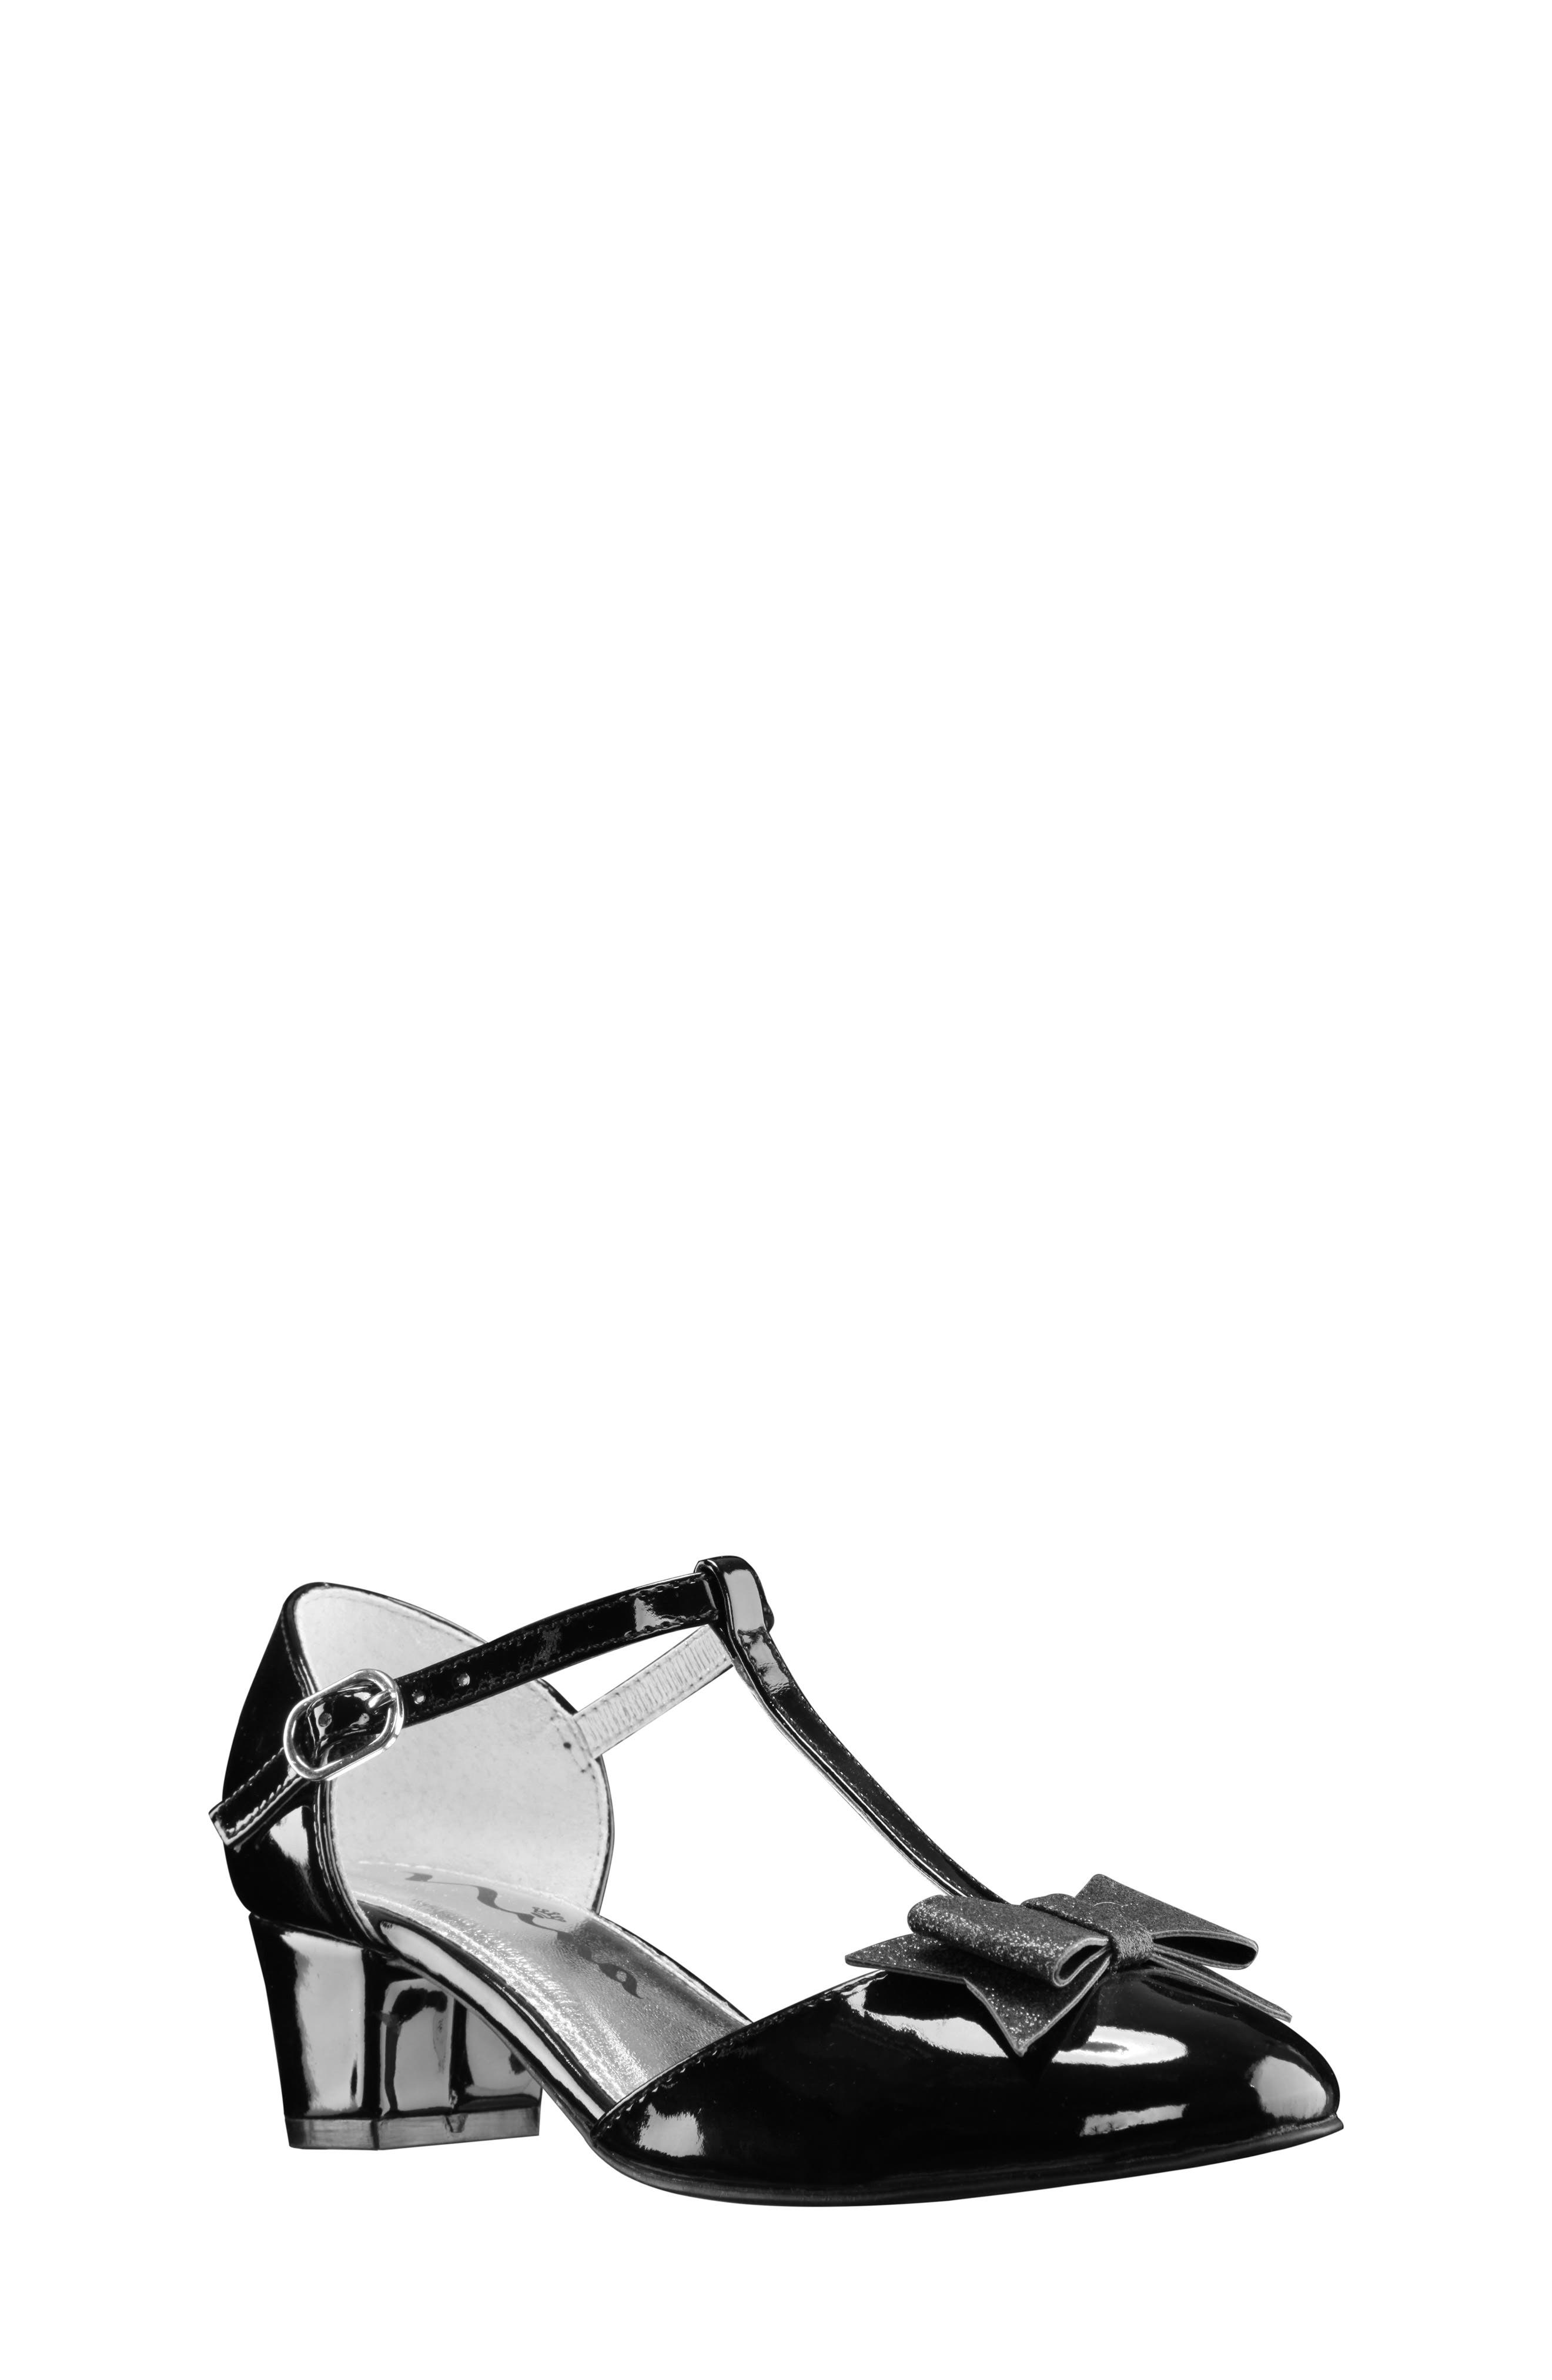 Marvette T-Strap Sandal,                         Main,                         color, Black Patent